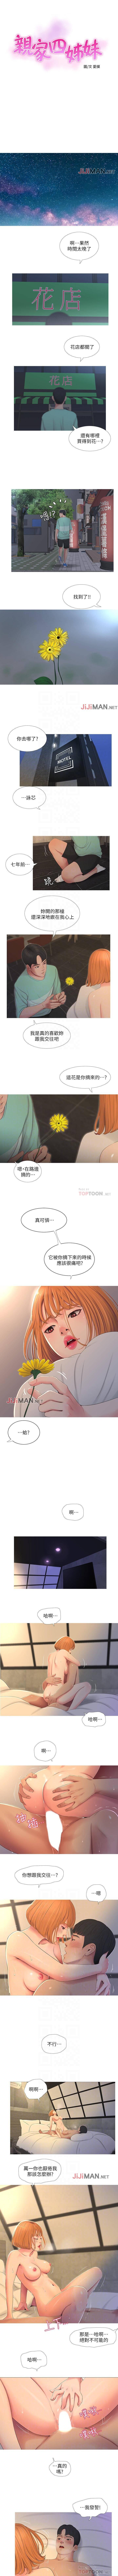 【周四连载】亲家四姐妹(作者:愛摸) 第1~37话 14